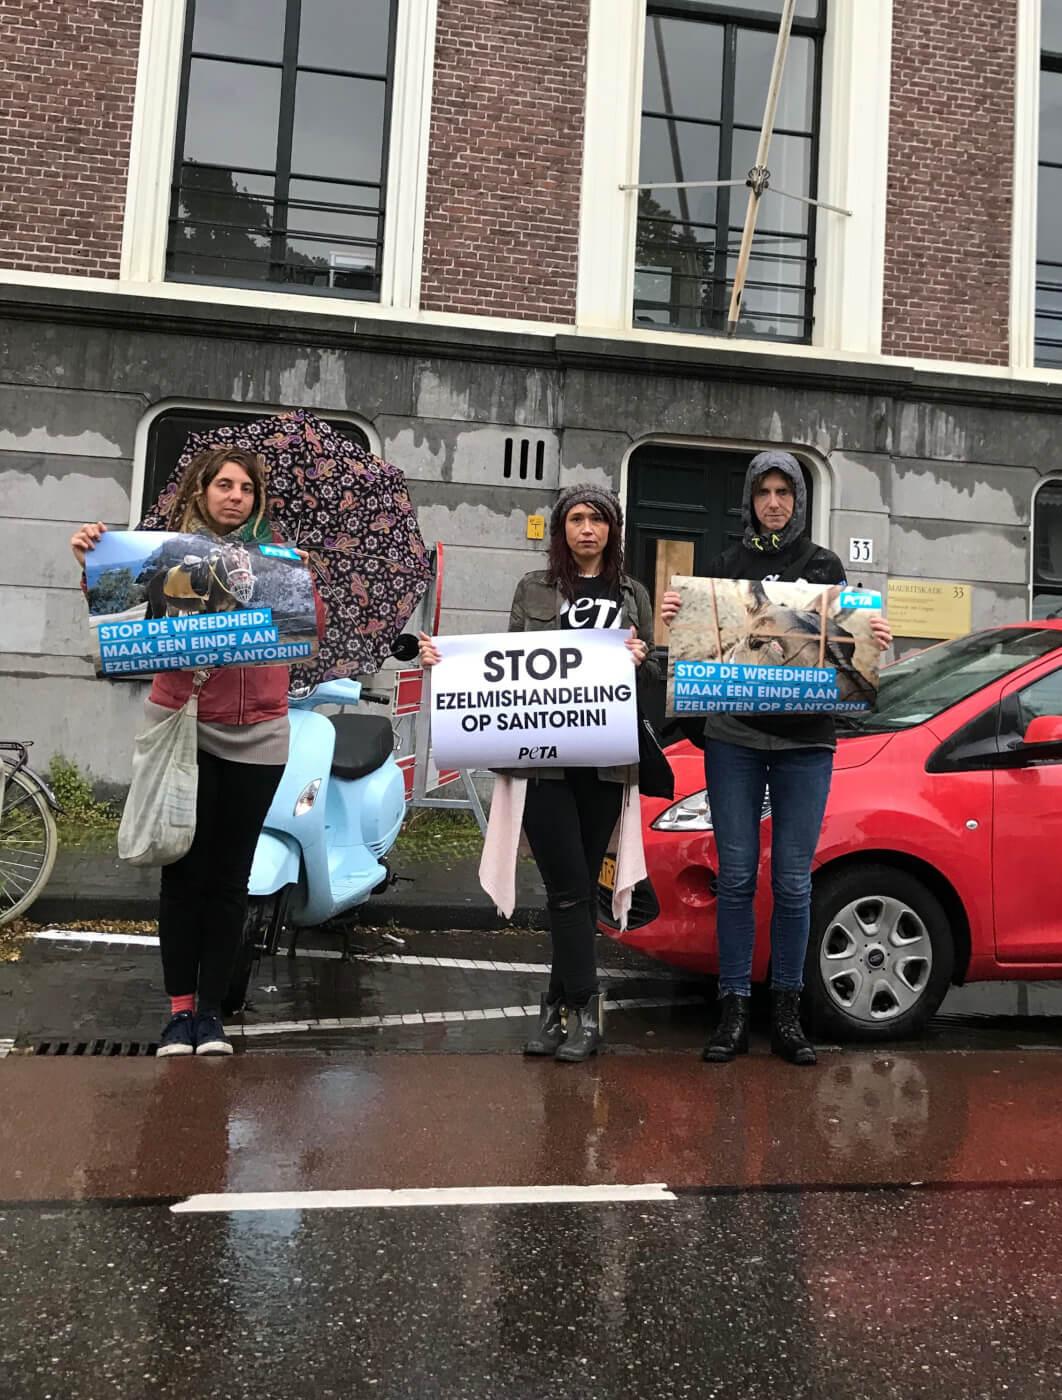 PETA-vrijwilligers demonstreren voor de Griekse ambassade in Den Haag en roepen op tot een einde aan de uitbuiting van dieren op Santorini